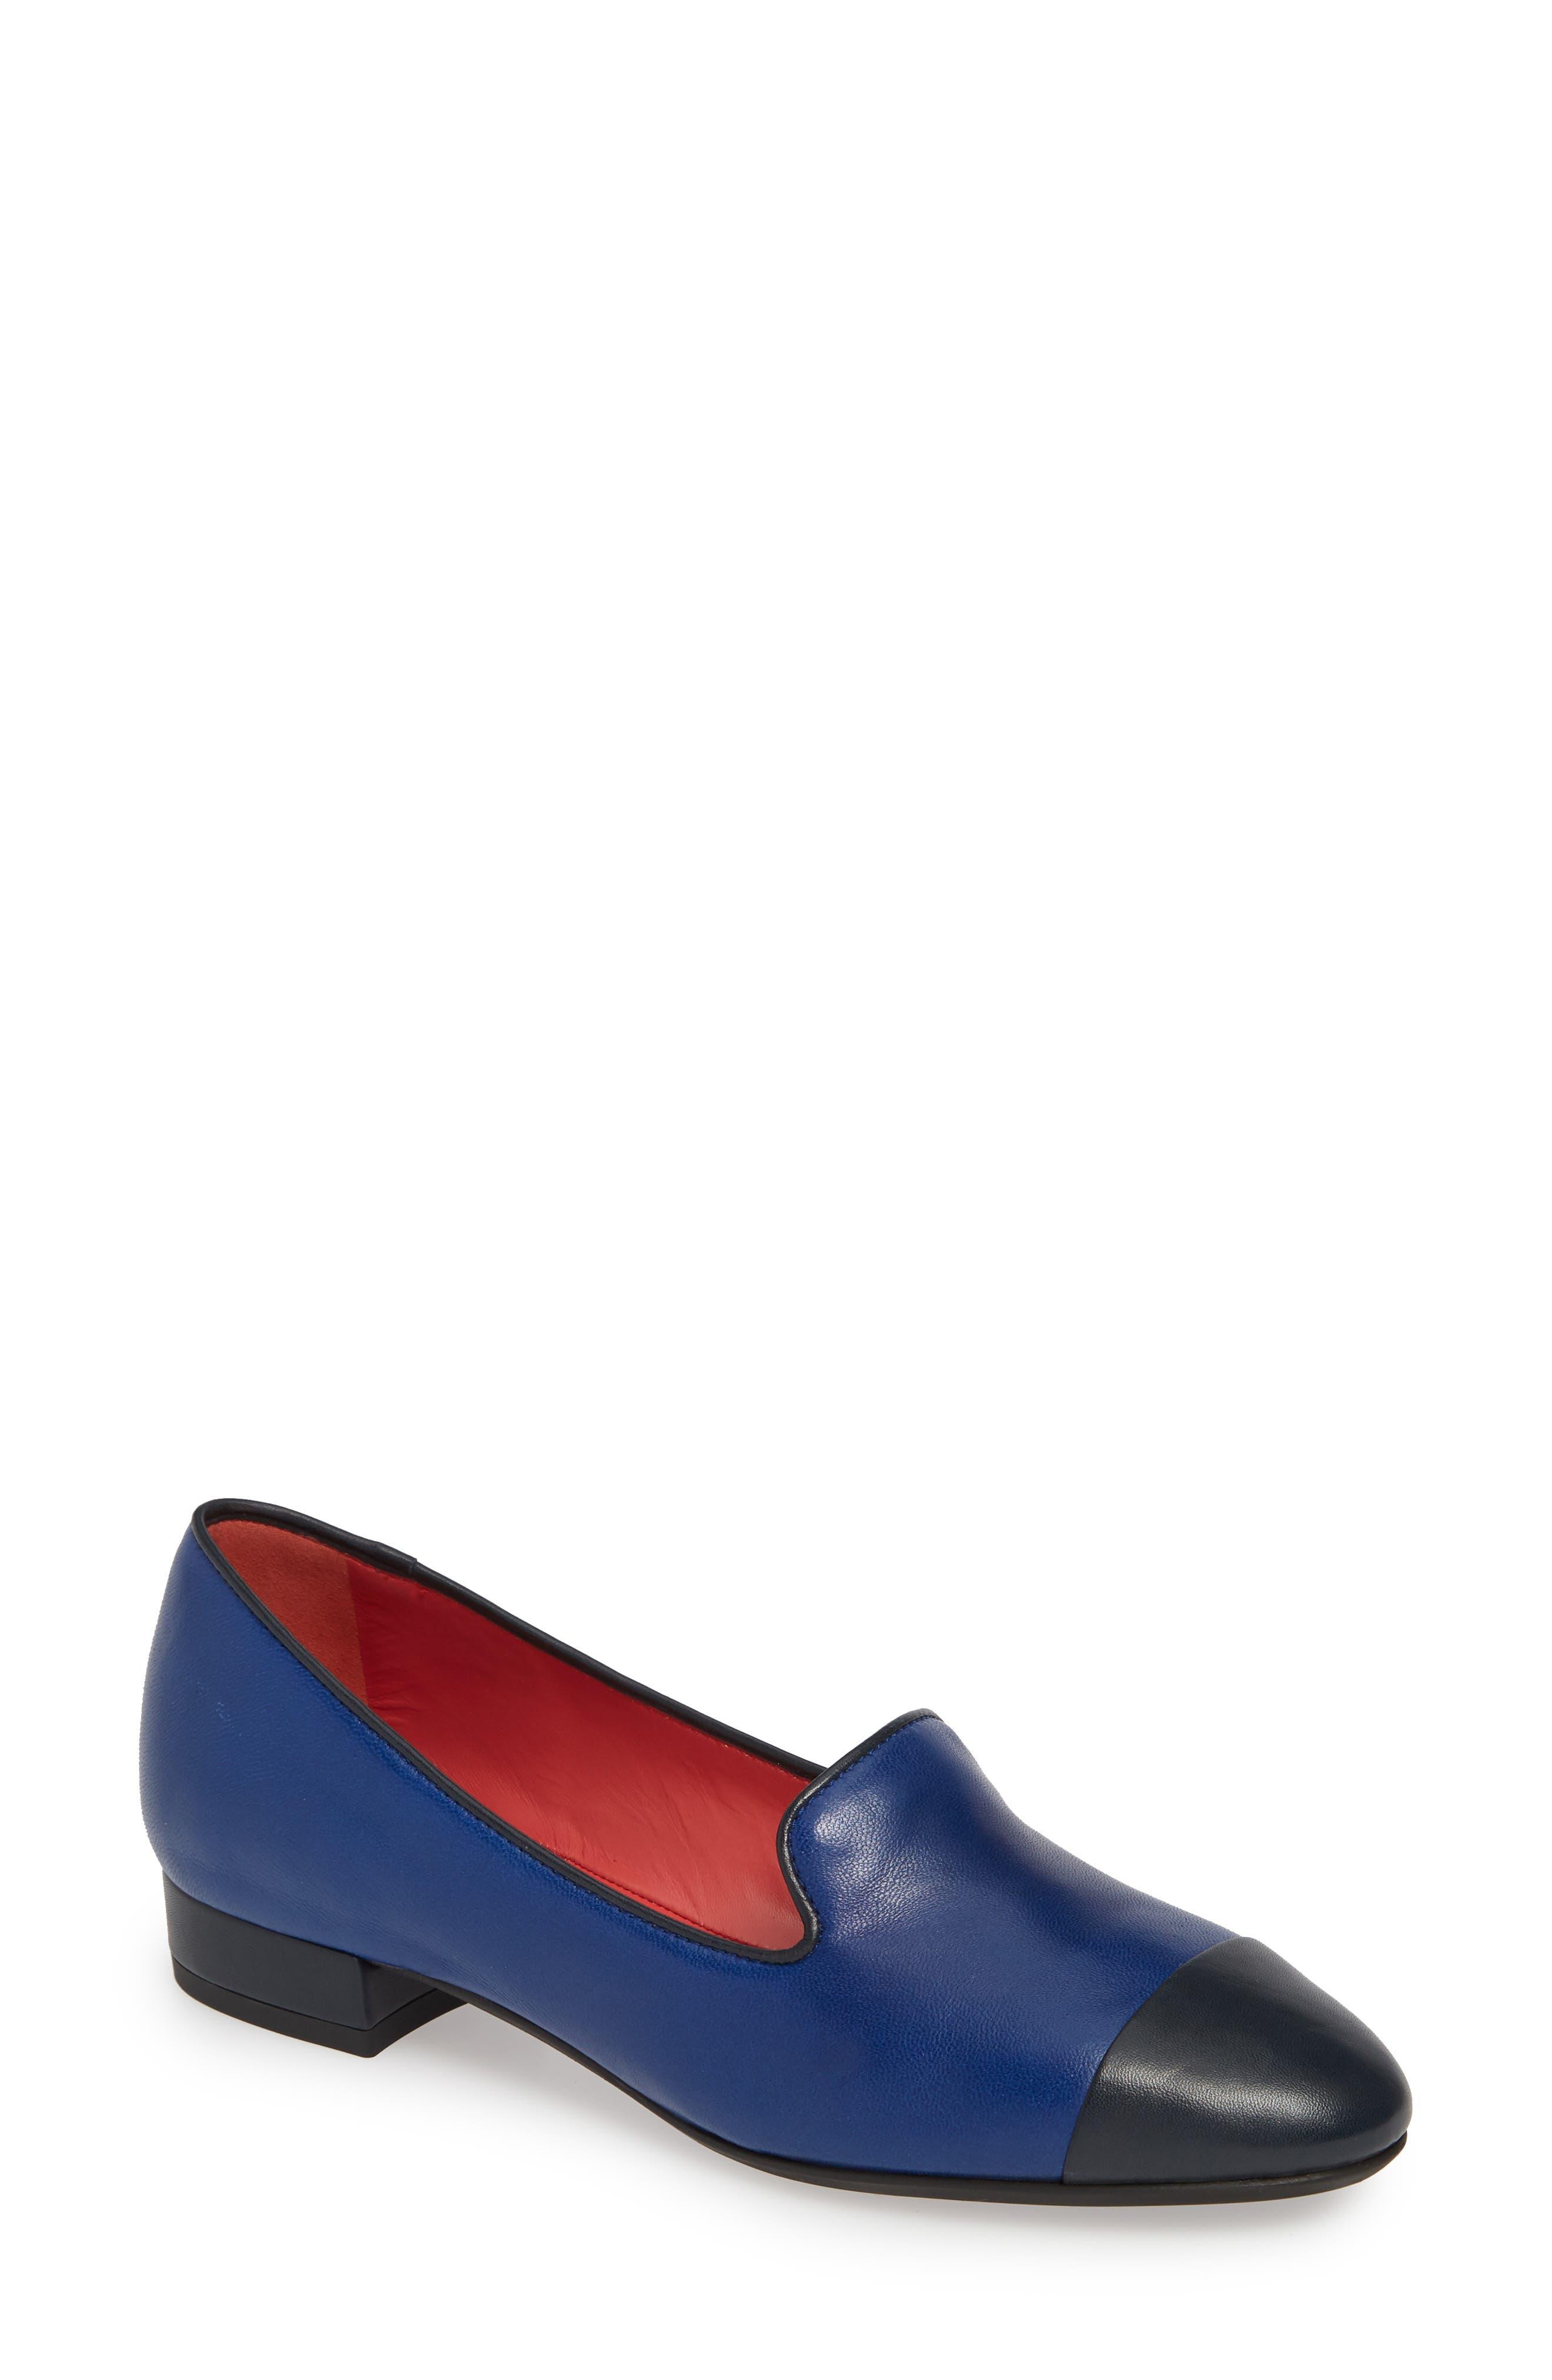 PAS DE ROUGE Daria Loafer, Main, color, DENIM/ BLUE LEATHER